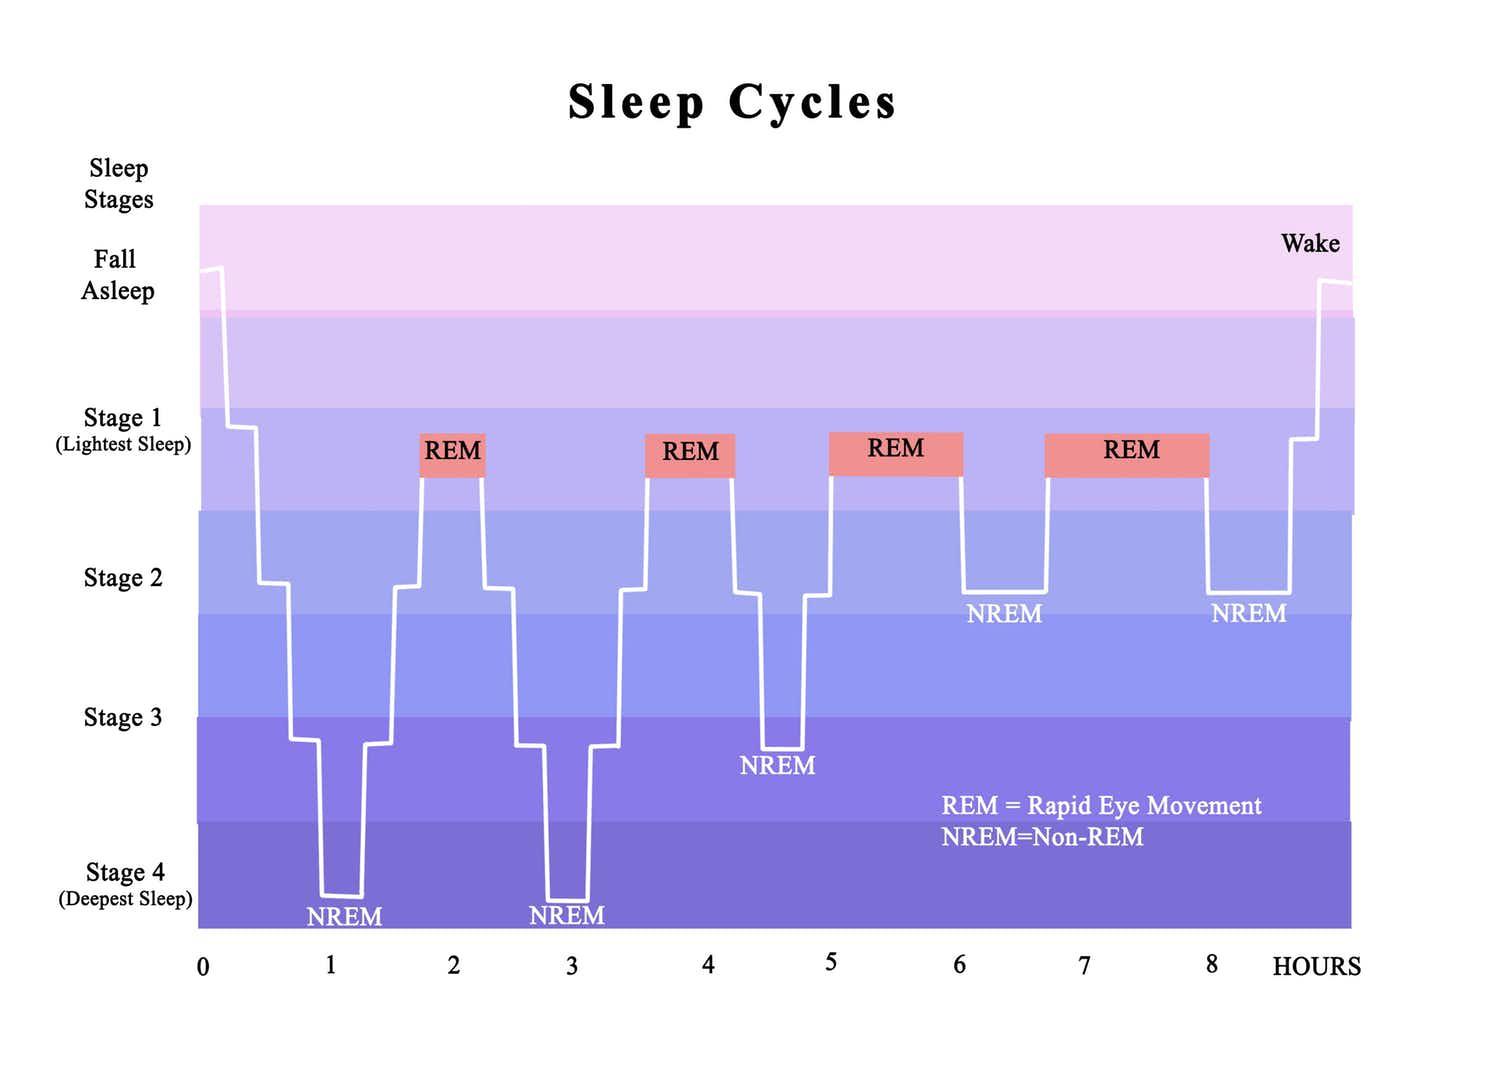 Sự thật về cái nút hoãn báo thức (Snooze) cứu vãn giấc ngủ mà nhiều người vẫn đang sử dụng - Ảnh 2.